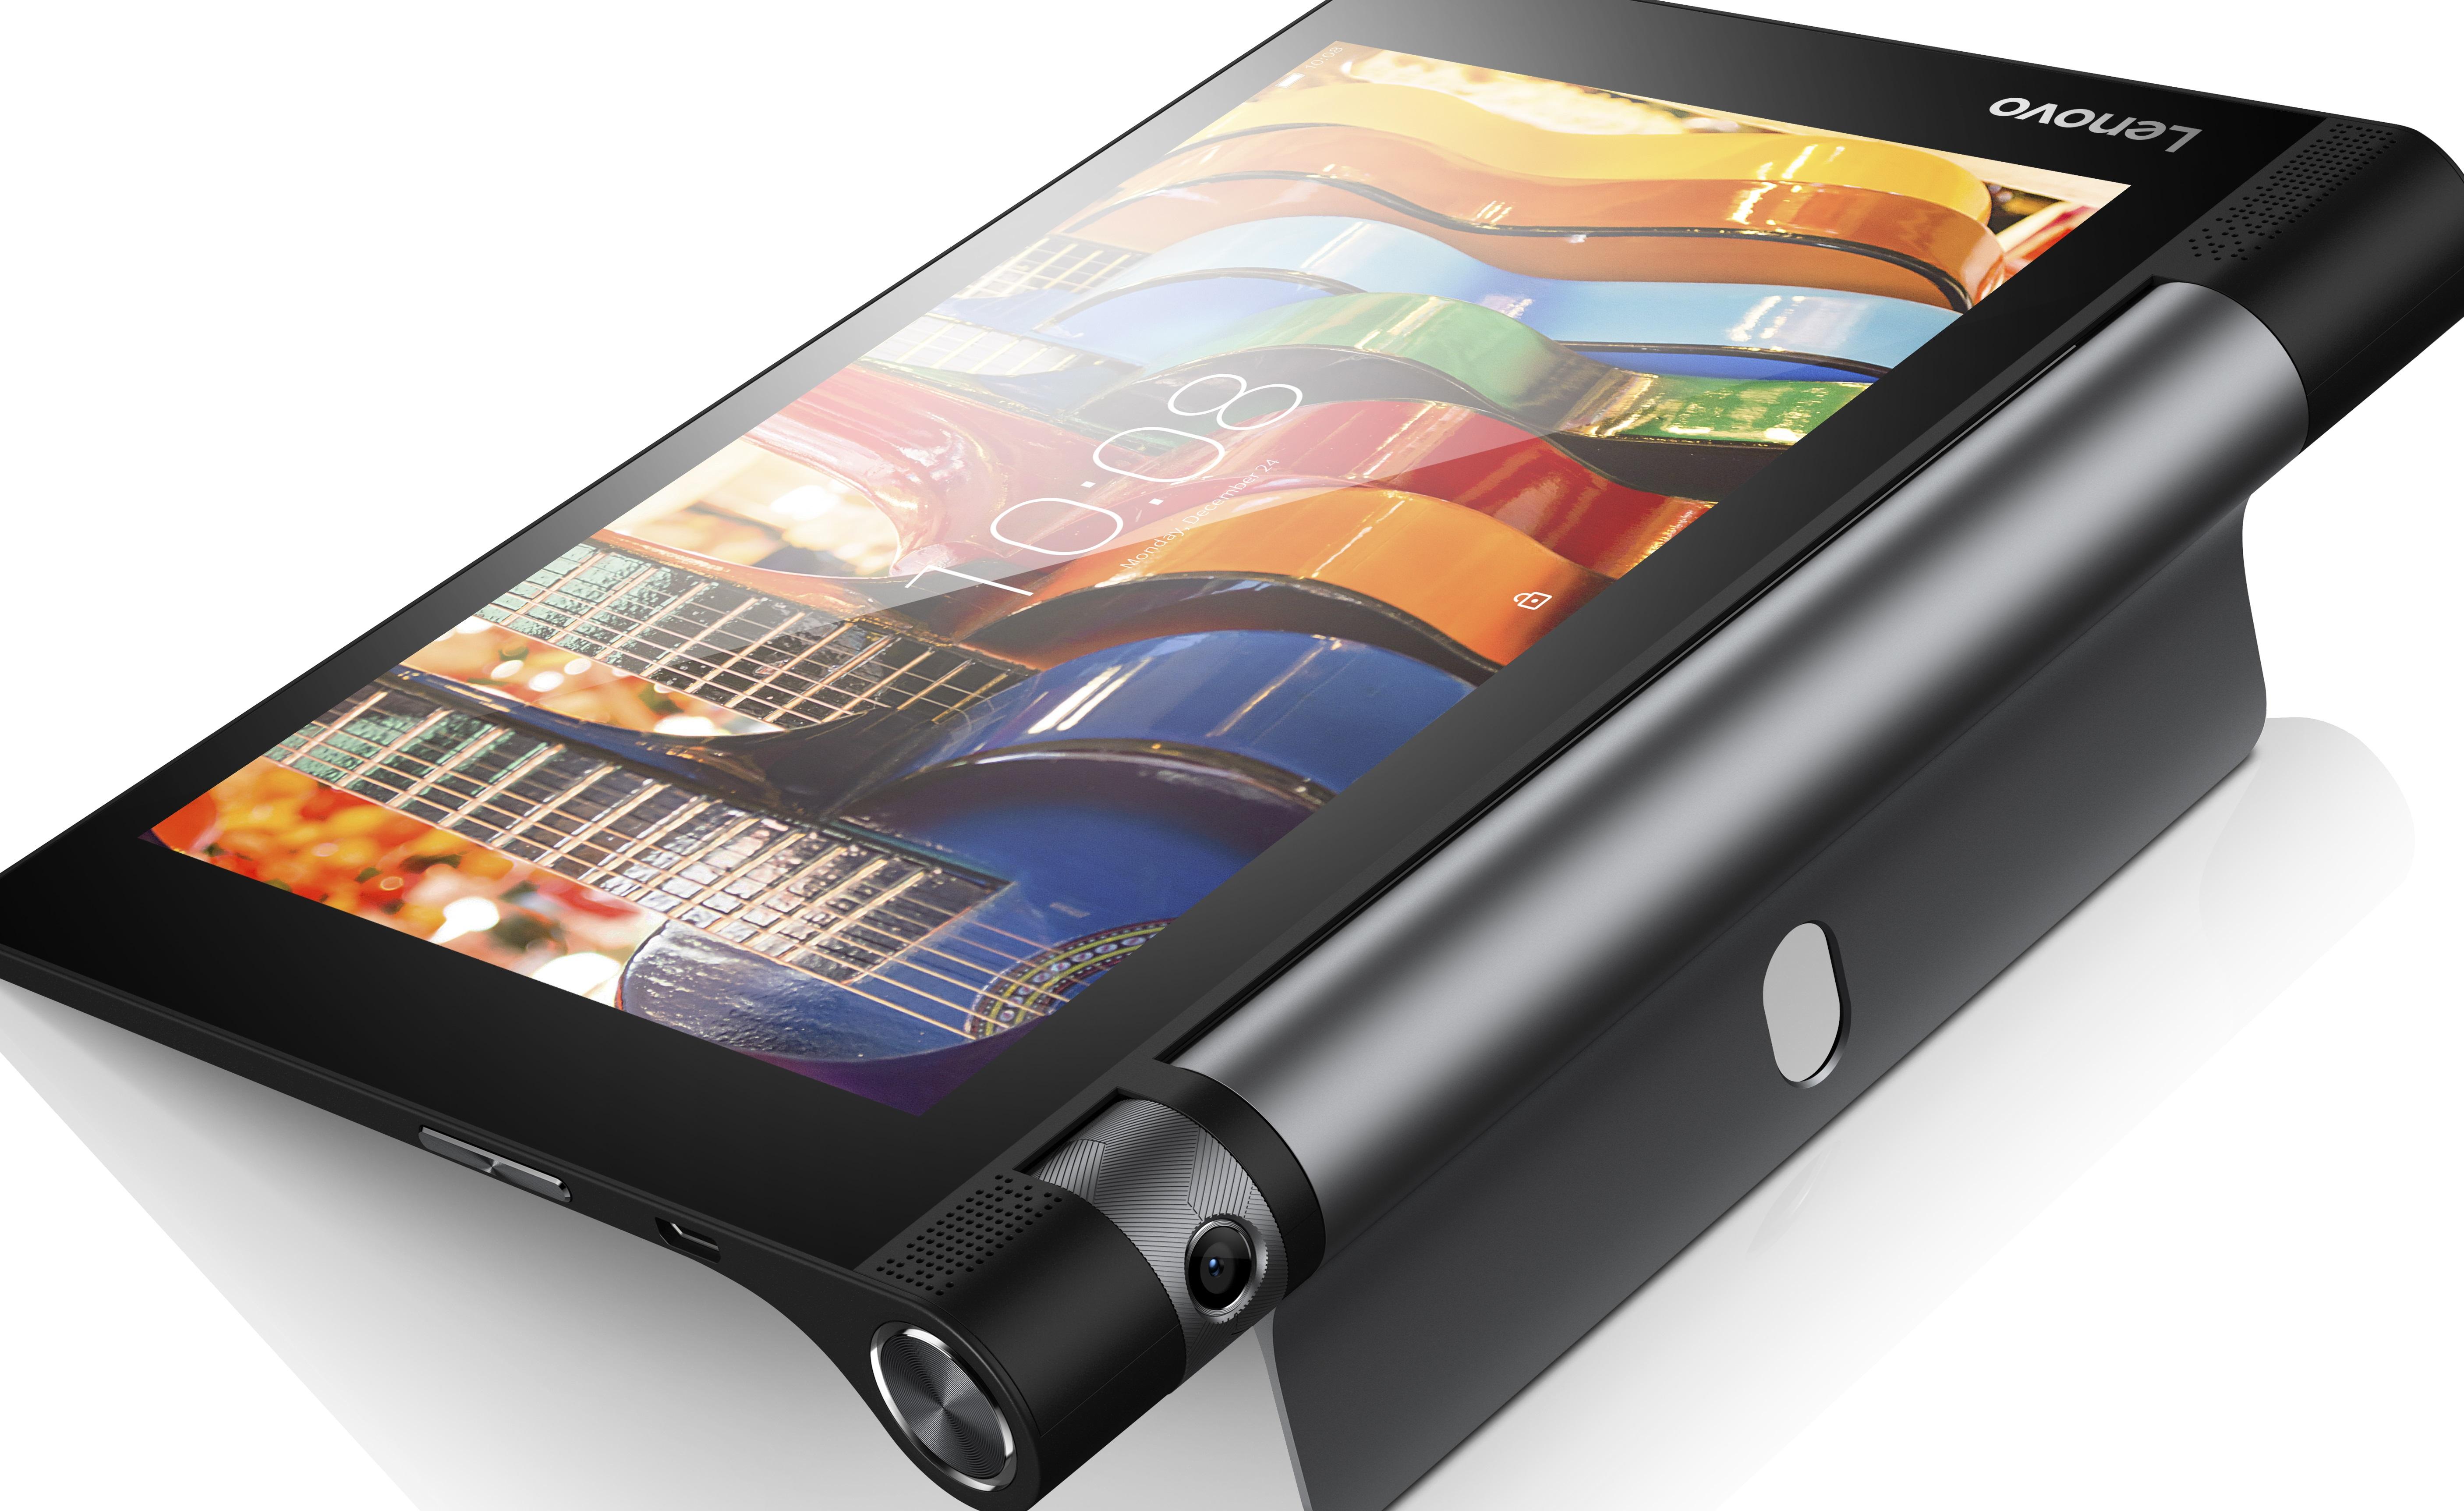 [IFA 2015] Lenovo présente sa gamme Yoga Tab 3